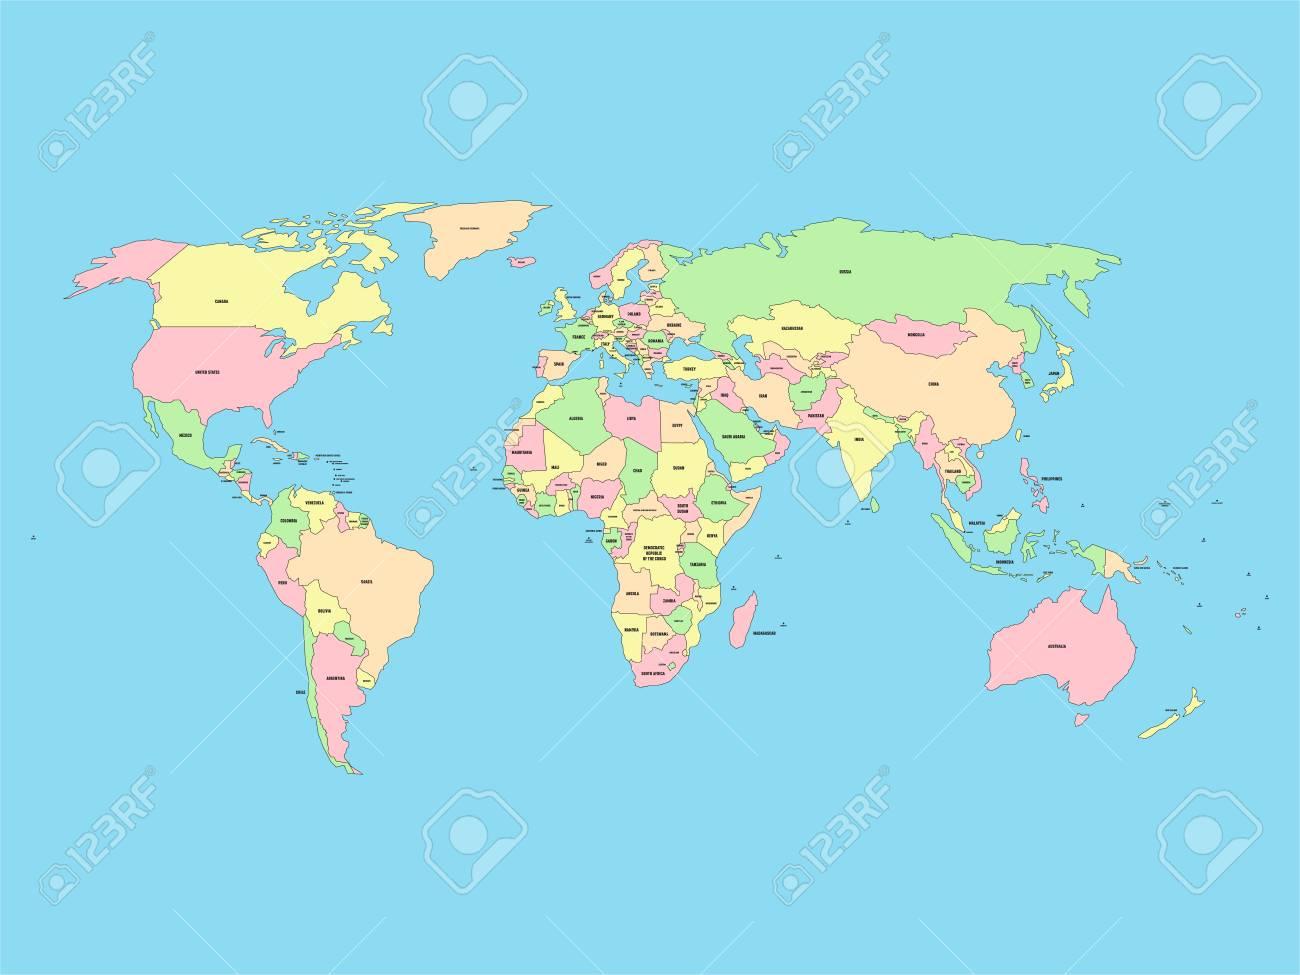 Cartina Geografica Mondo Con Nomi.Mappa Del Mondo Con Nomi Di Paesi Sovrani E Territori Piu Grandi Dipendenti Mappa Vettoriale Semplificata In Quattro Colori Su Sfondo Blu